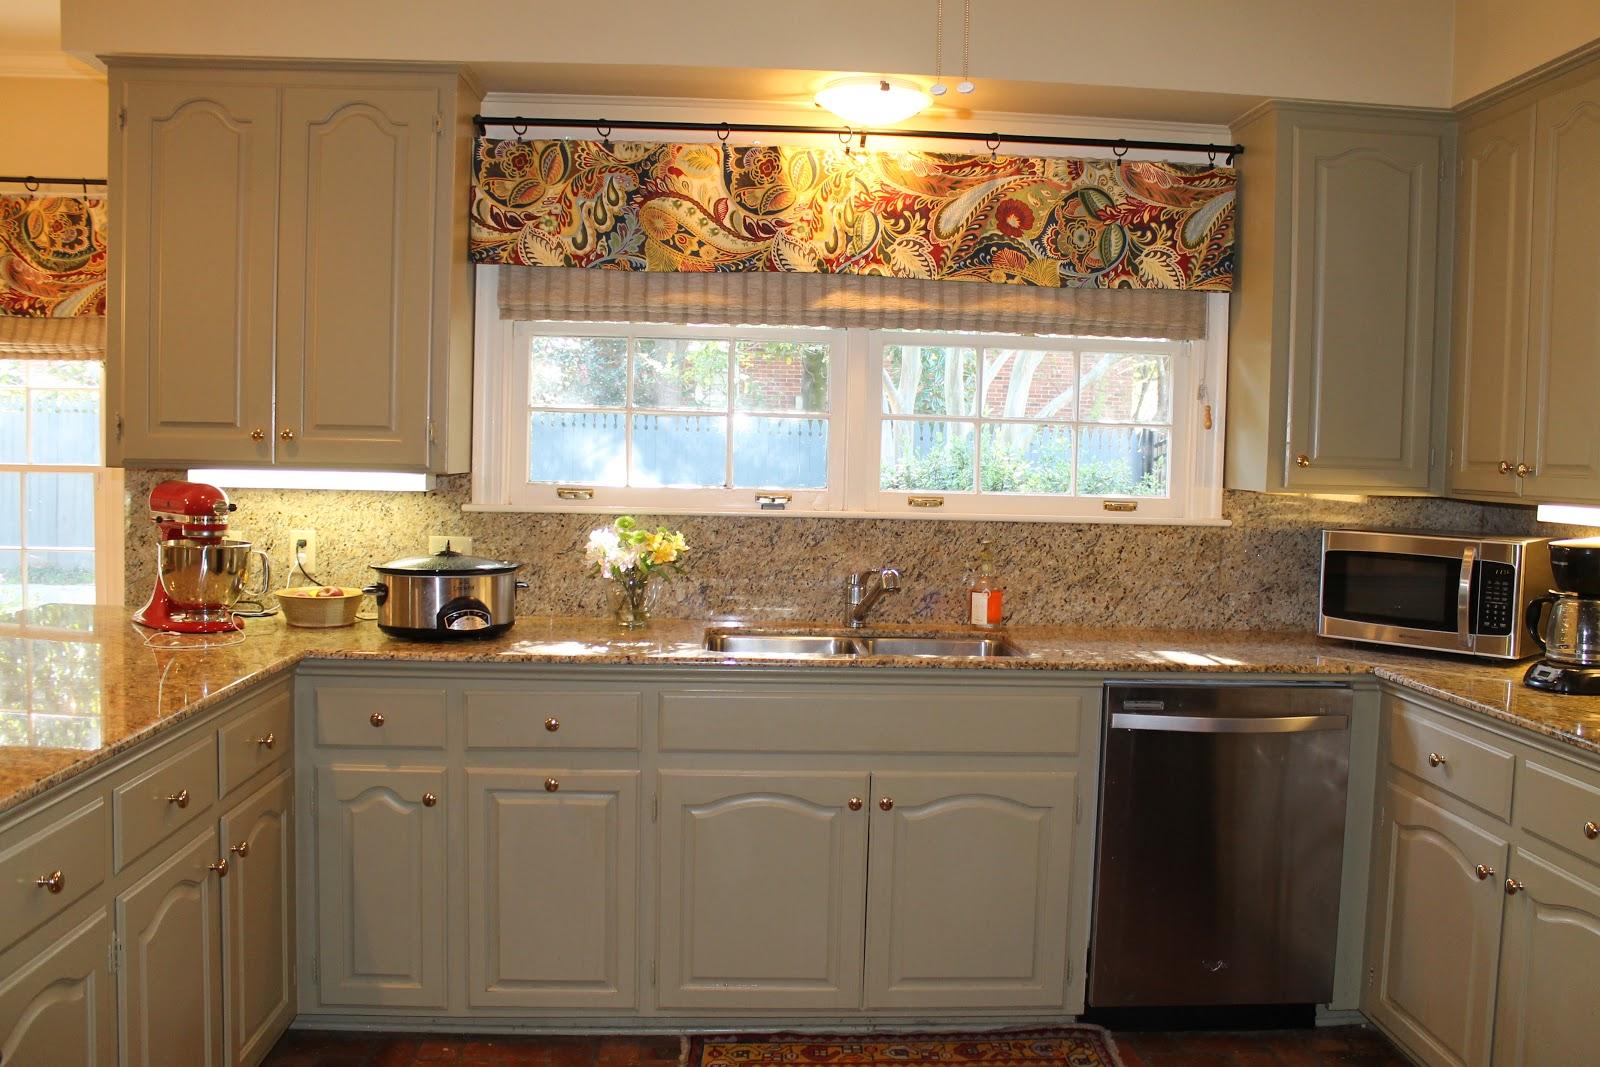 køkken-gardiner-ideer-DIY